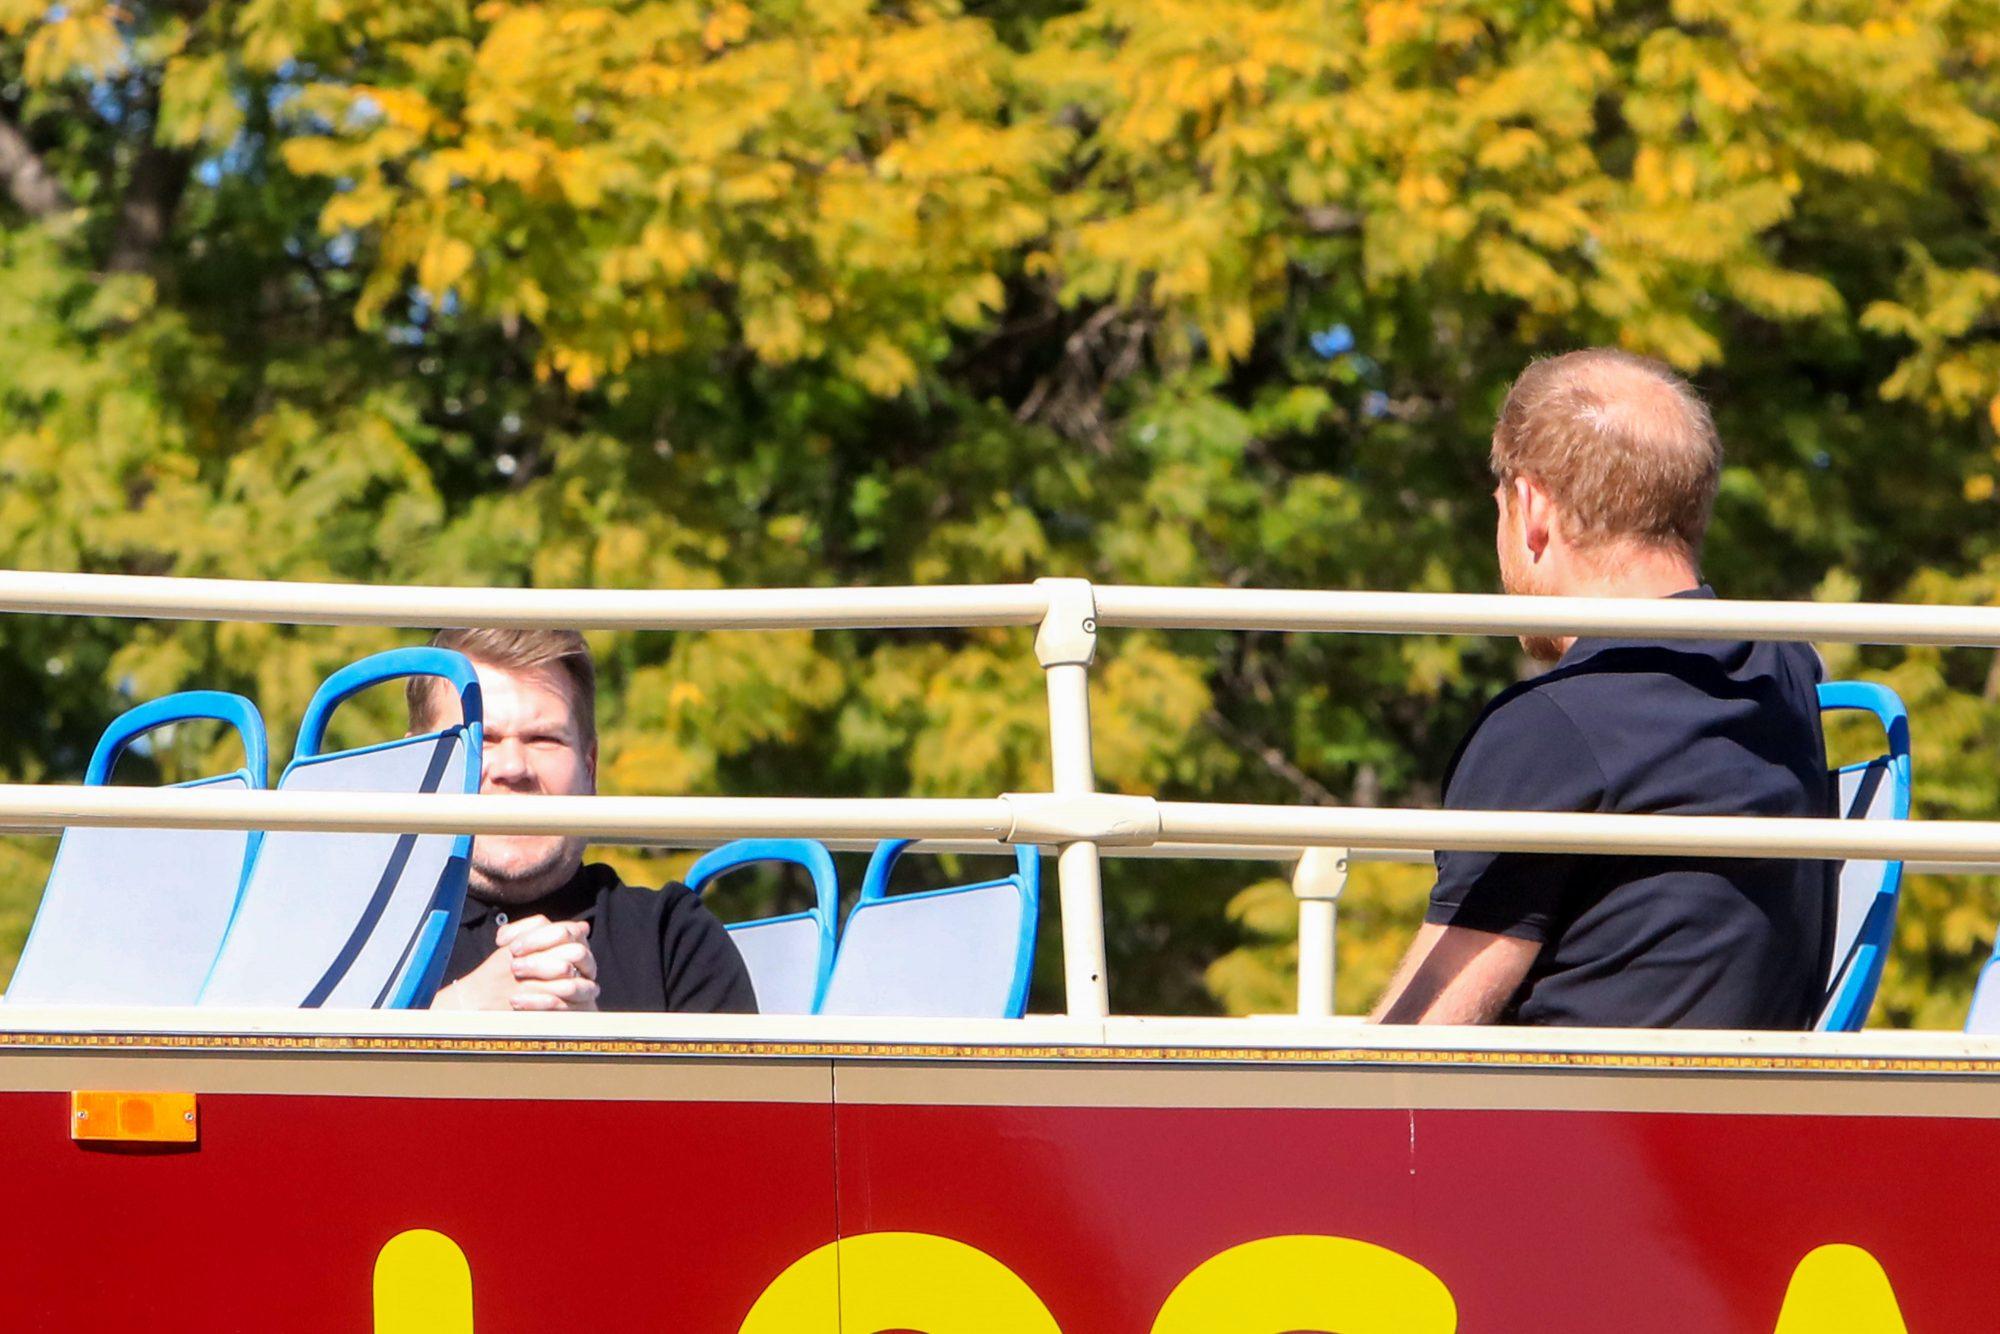 Príncipe Harry aparecerá en el programa de James Corden, Carpool Karaoke